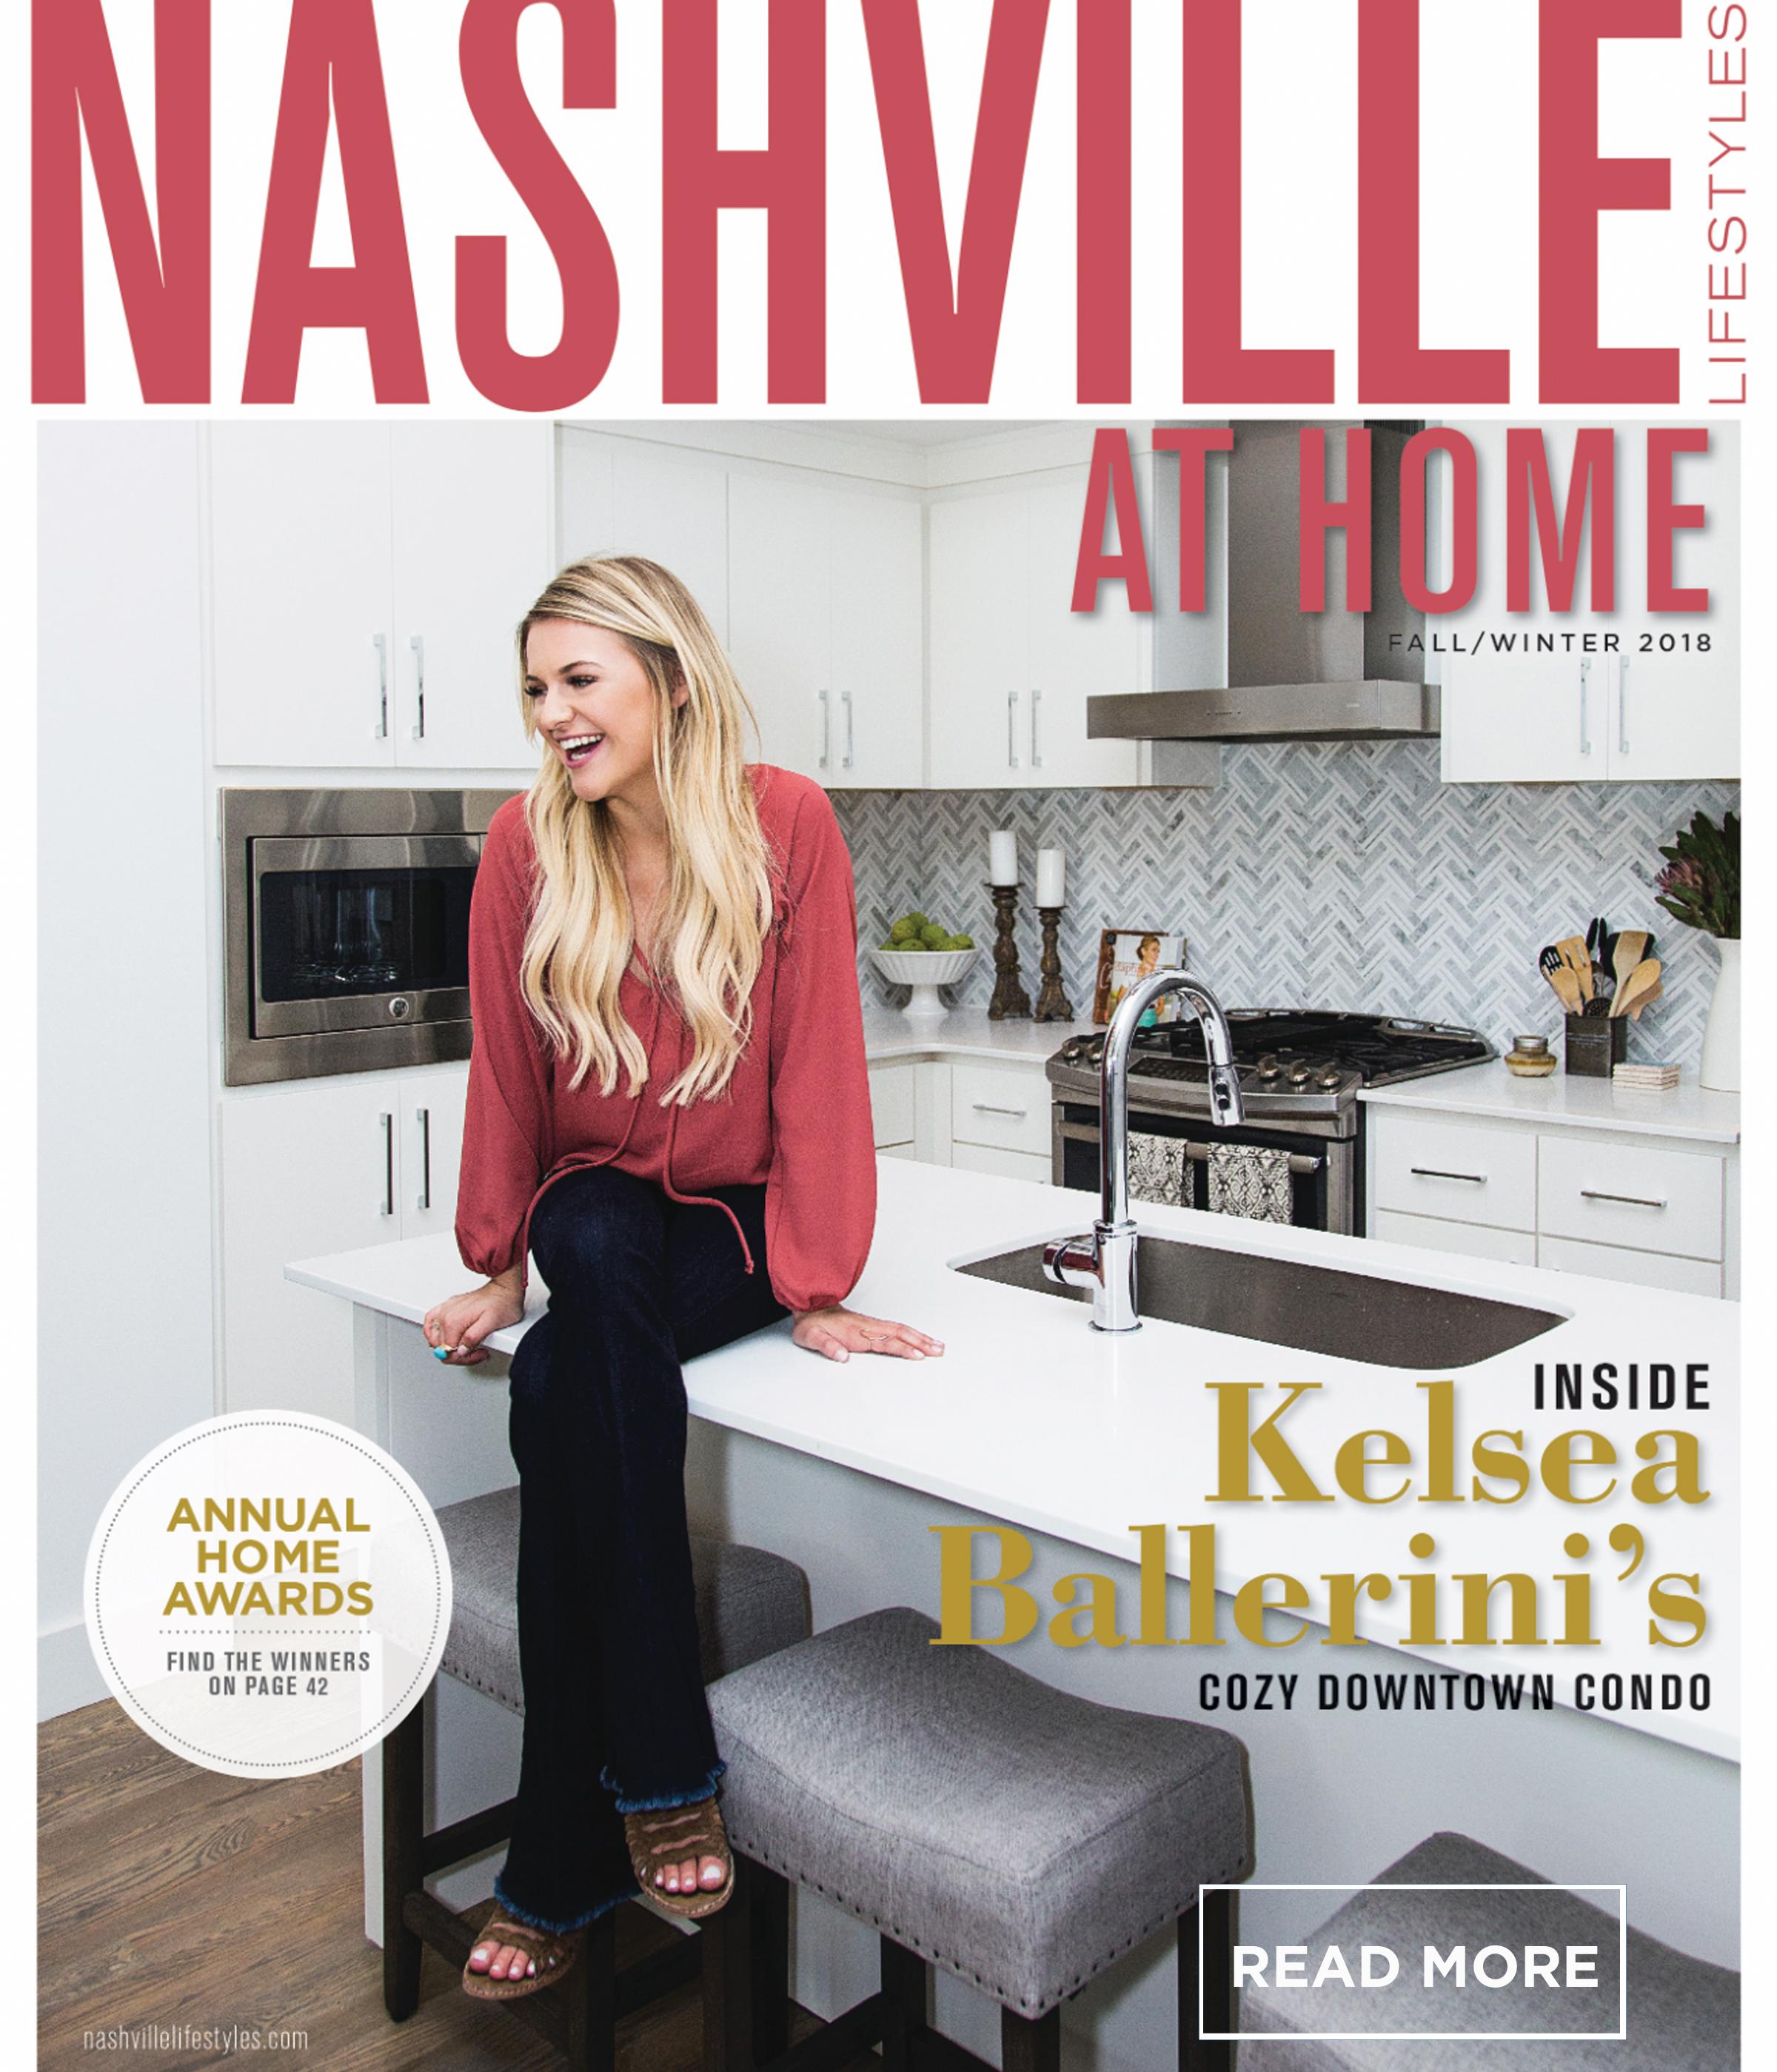 NashvilleLifestyles.jpg